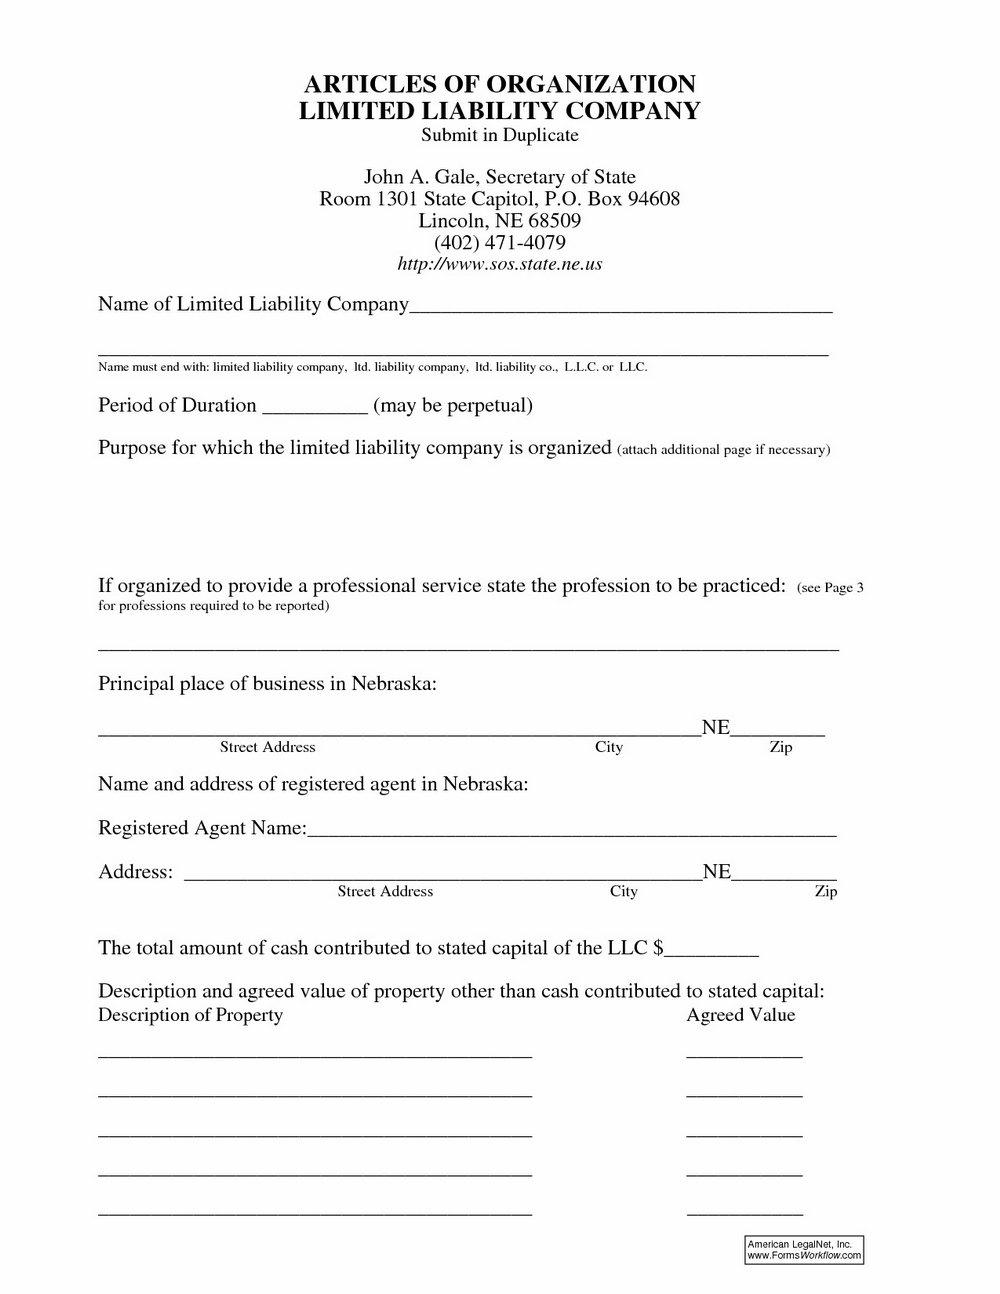 Nebraska Llc Forms